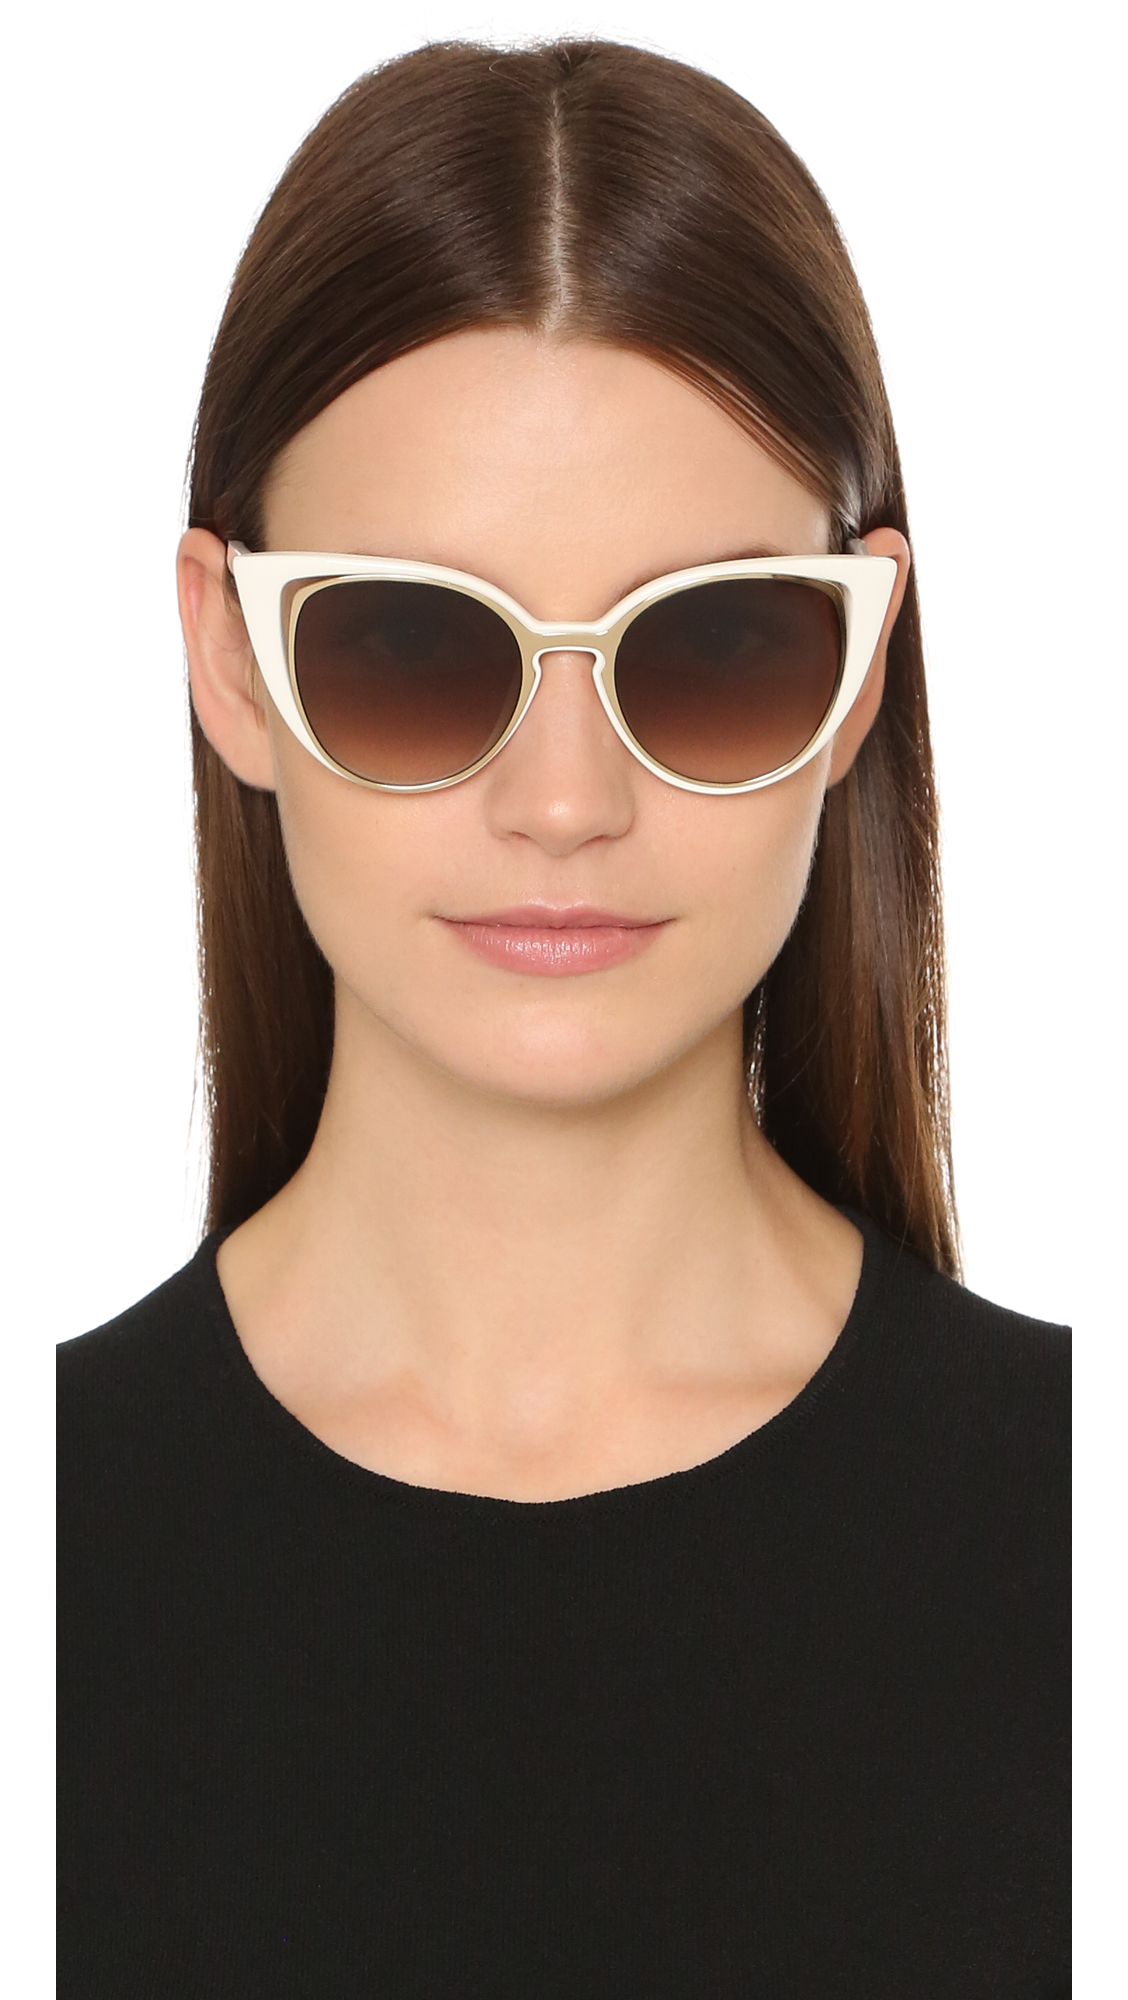 ccebf6381b77b Fendi Cutout Cat Eye Sunglasses